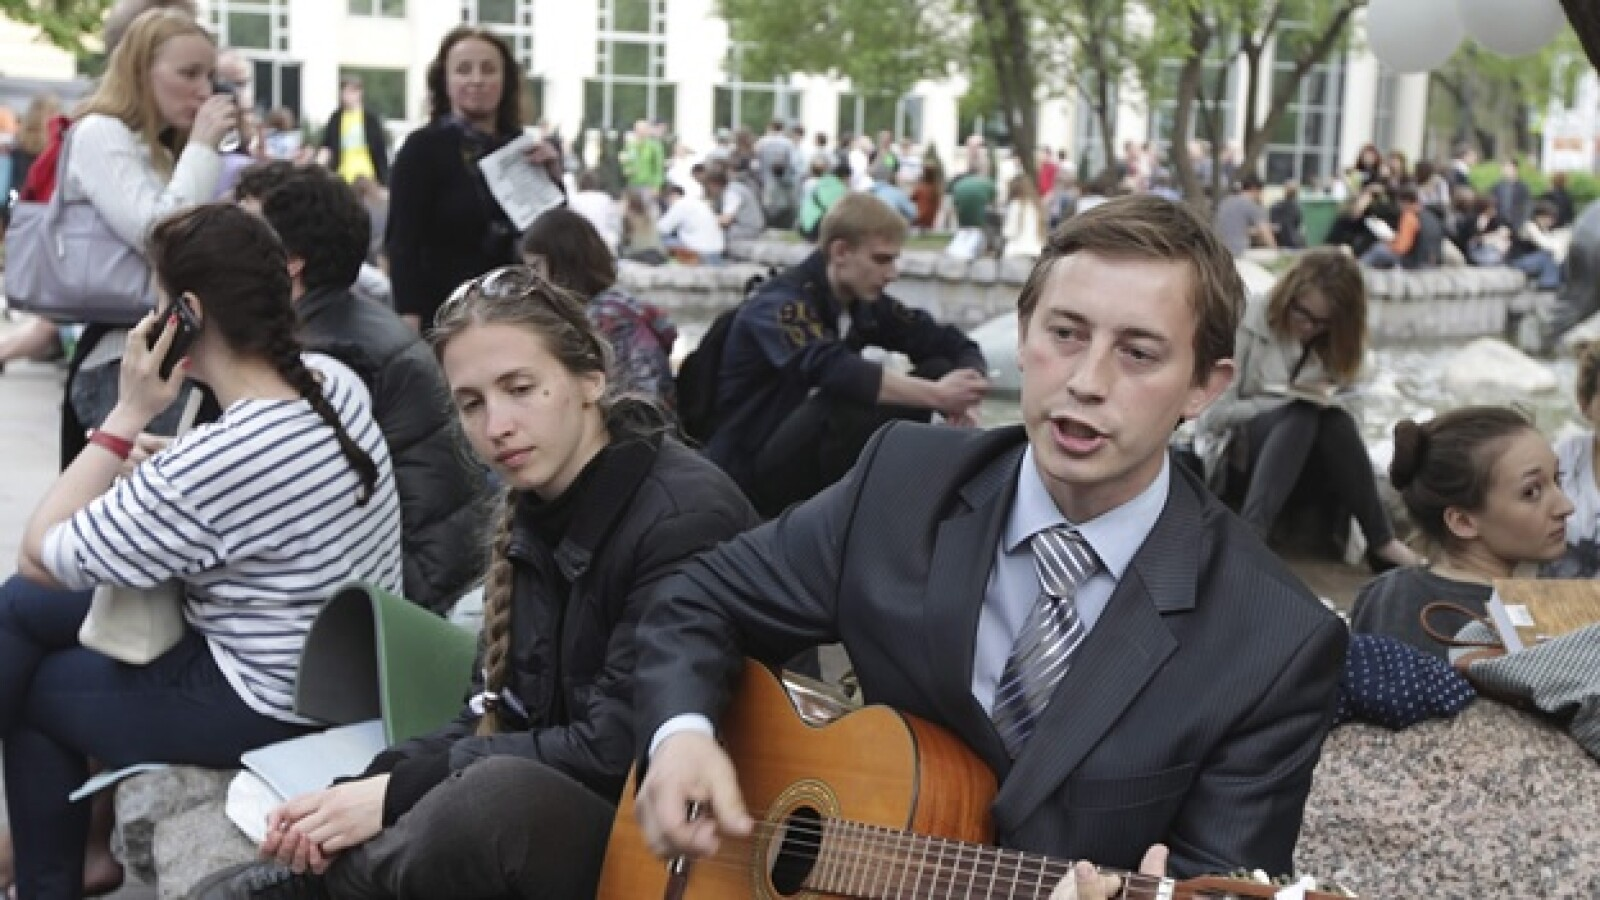 jovenes rusos protestan contra vladimir putin